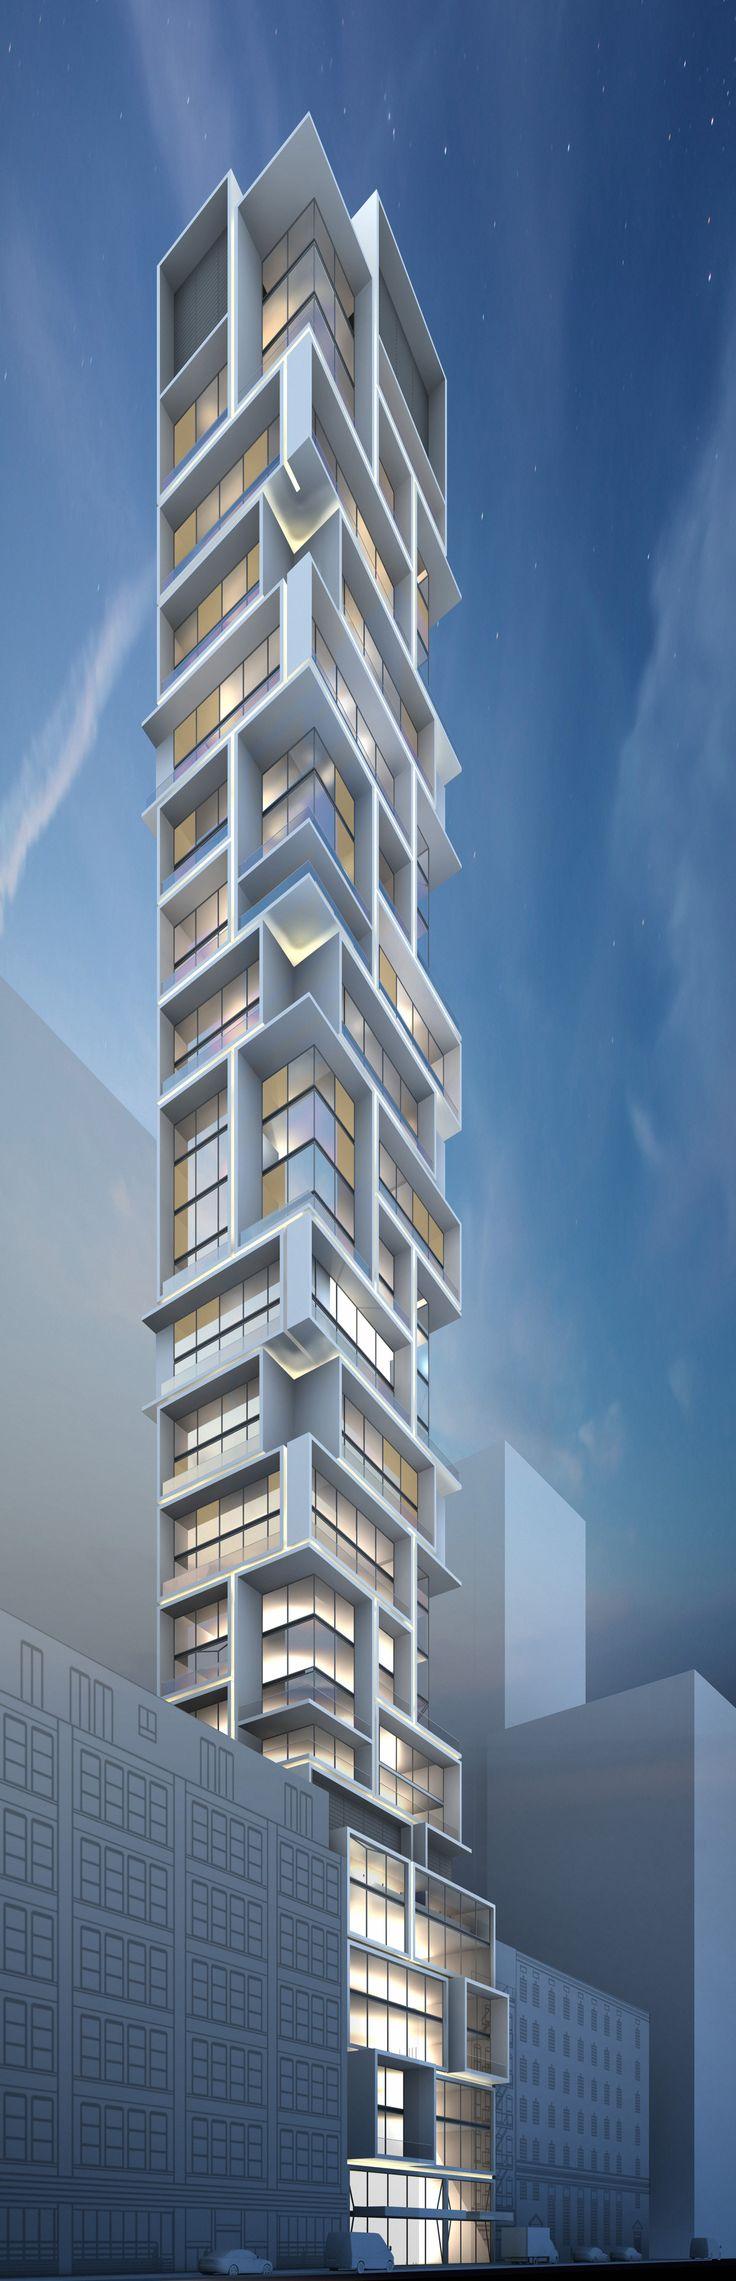 Residential Design: Design Progress Rendering For A New Multi-Family